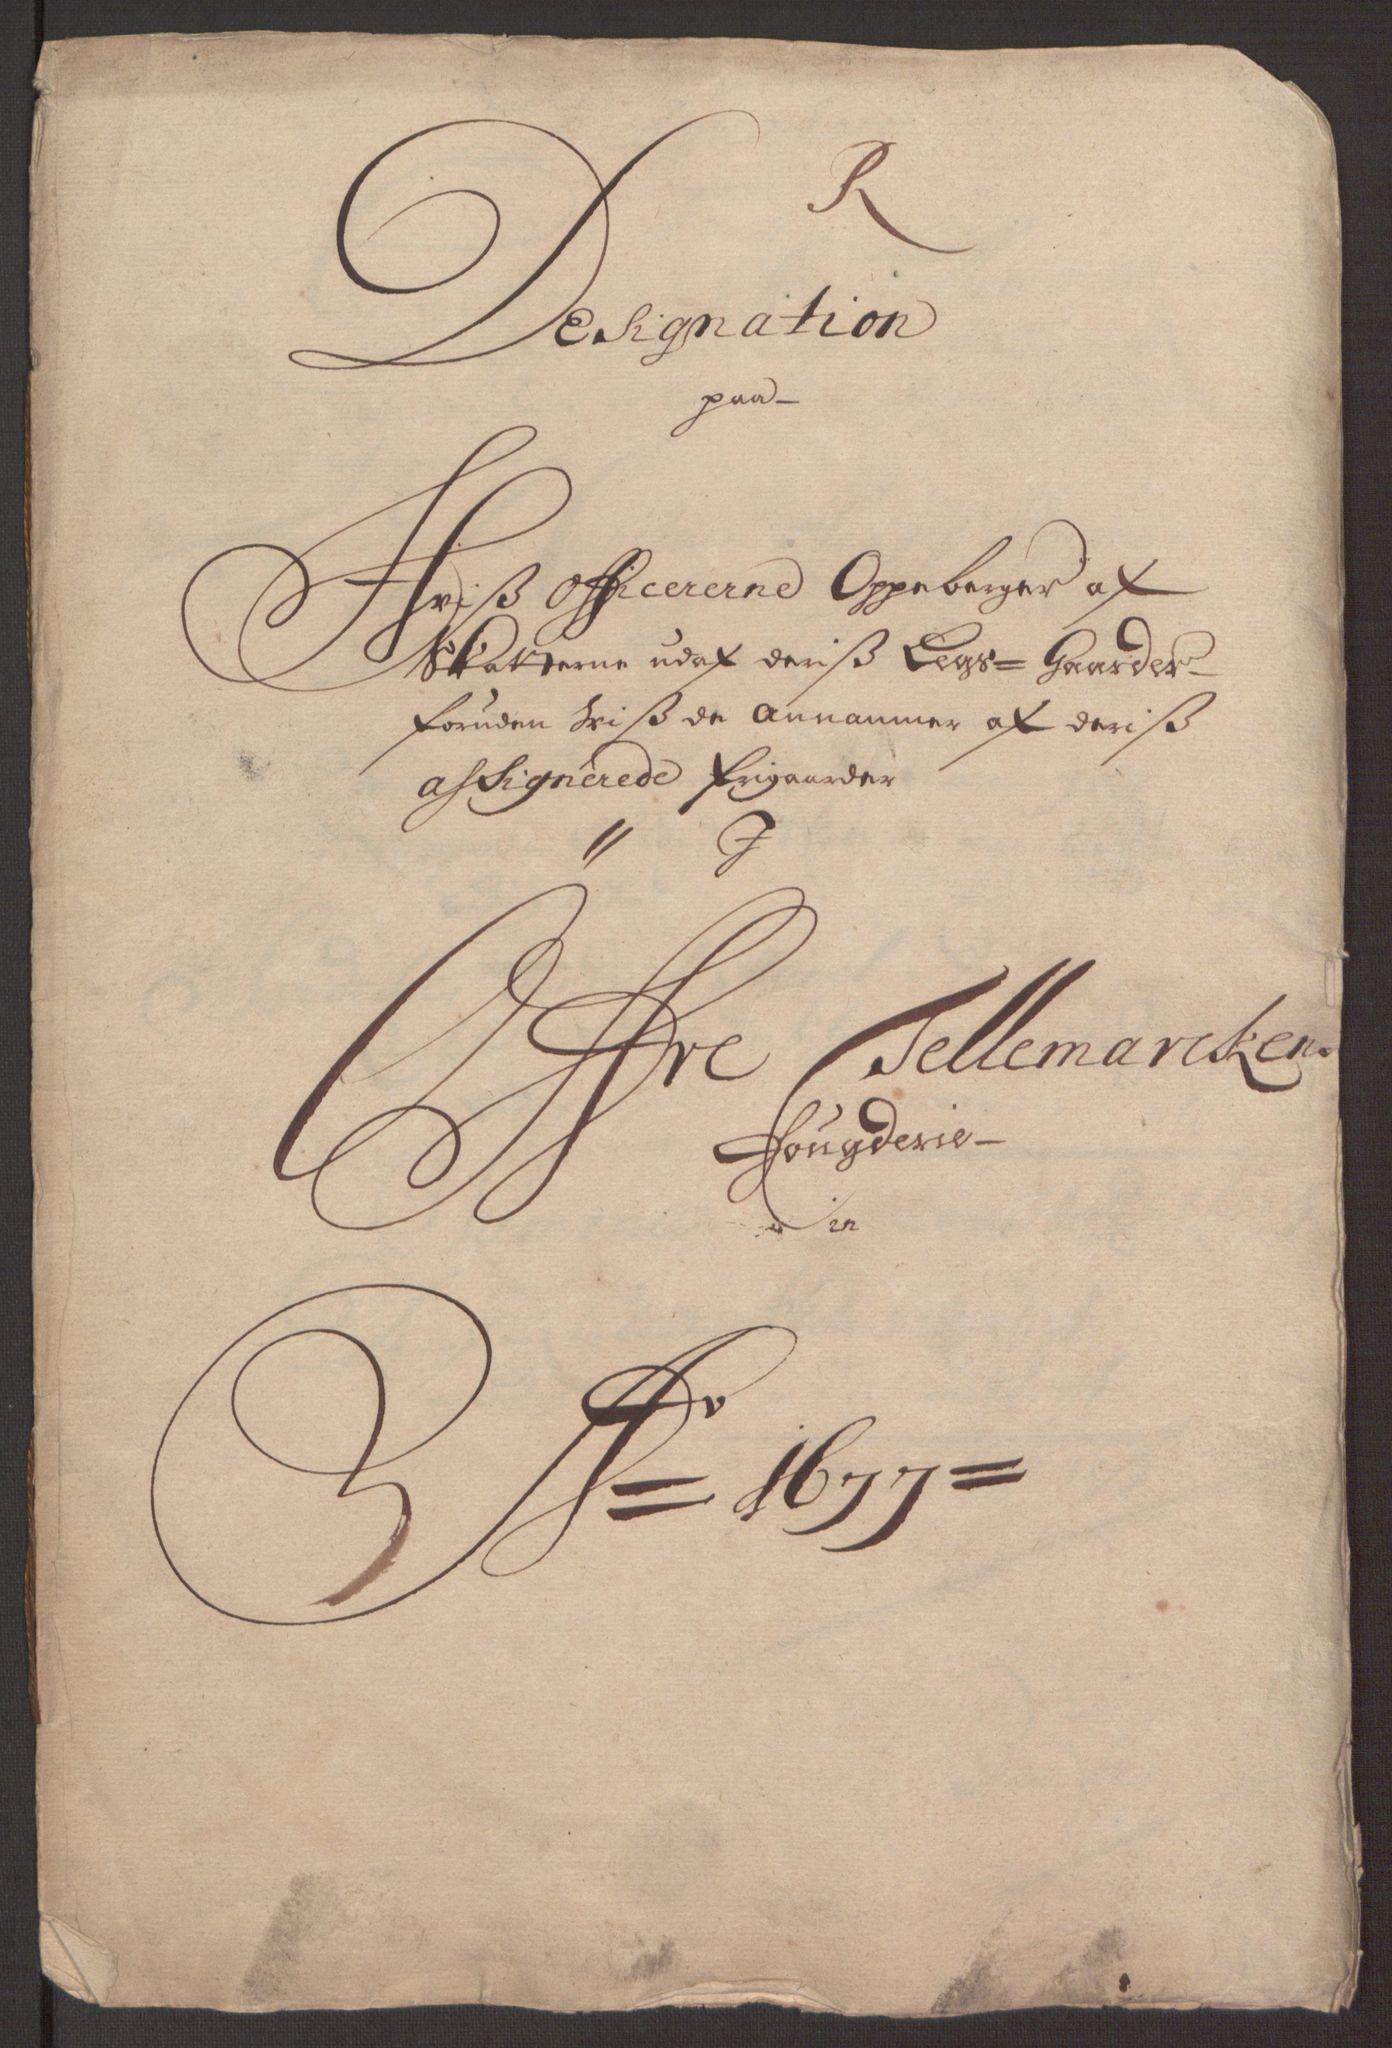 RA, Rentekammeret inntil 1814, Reviderte regnskaper, Fogderegnskap, R35/L2067: Fogderegnskap Øvre og Nedre Telemark, 1677, s. 363